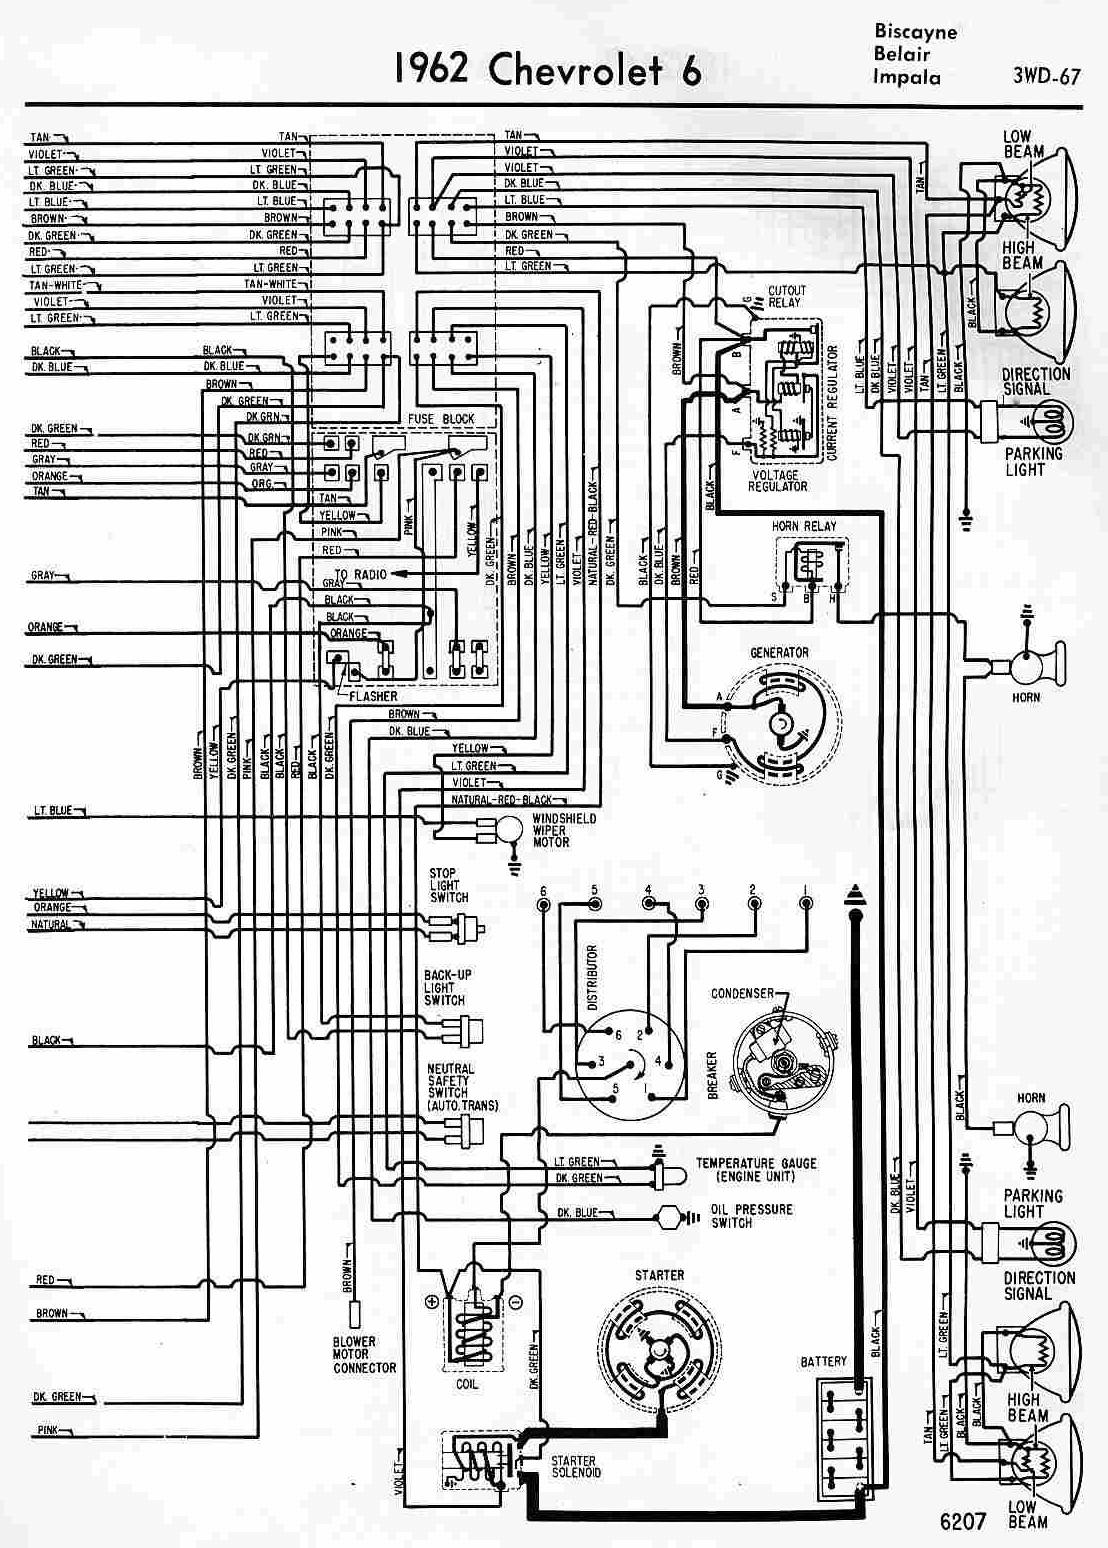 Yo 6549 Impala Radio Wiring Diagram Free Download Wiring Diagram Schematic Free Diagram